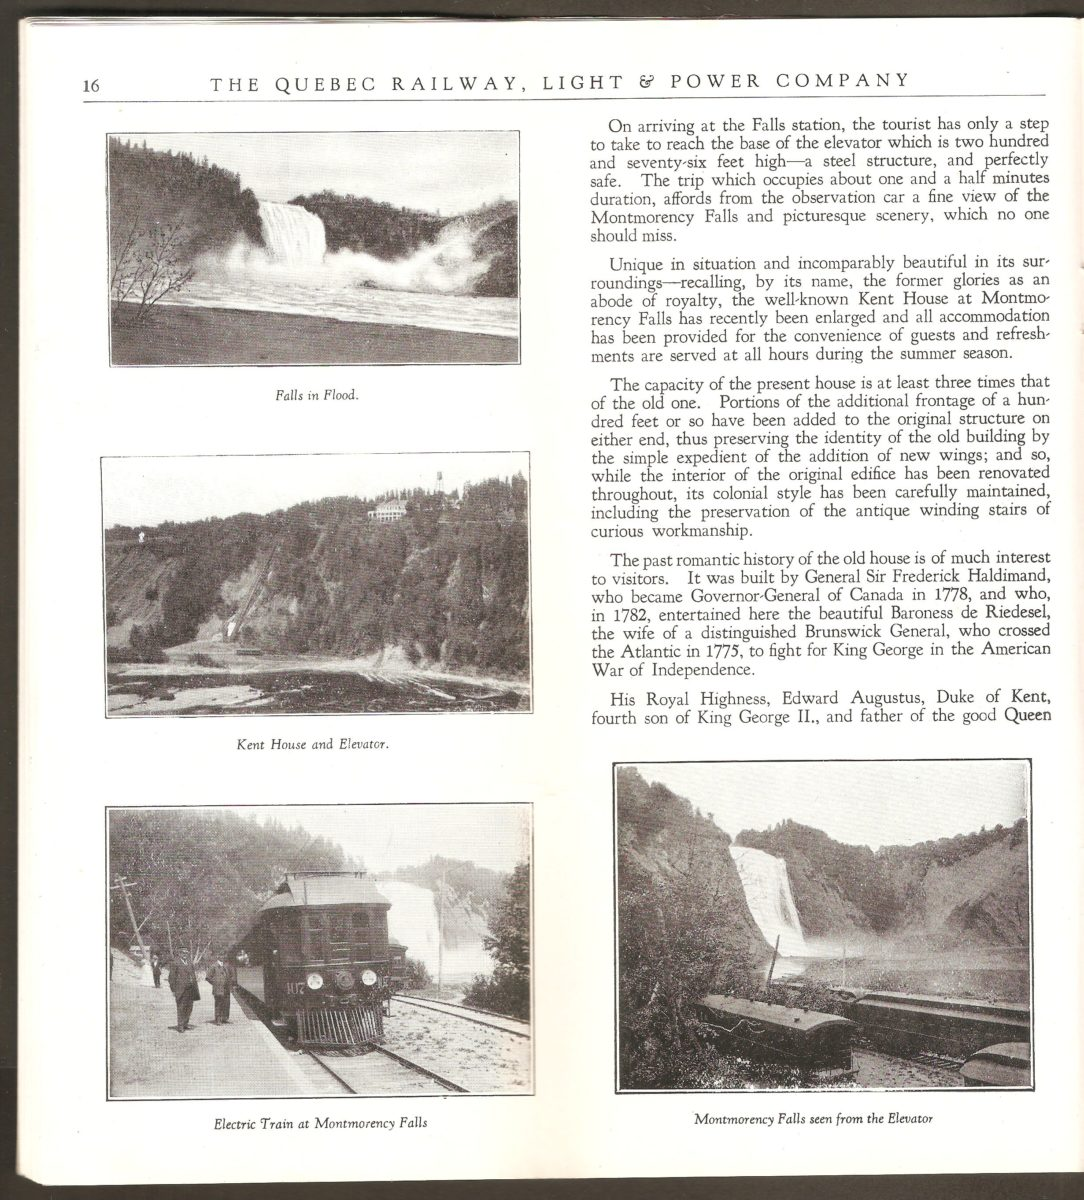 Brochure de la Quebec Railway Light & Power Co. Une seconde double page à propos du site de la chute Montmorency. On remarque notamment ici des tramways au pied de la chute.